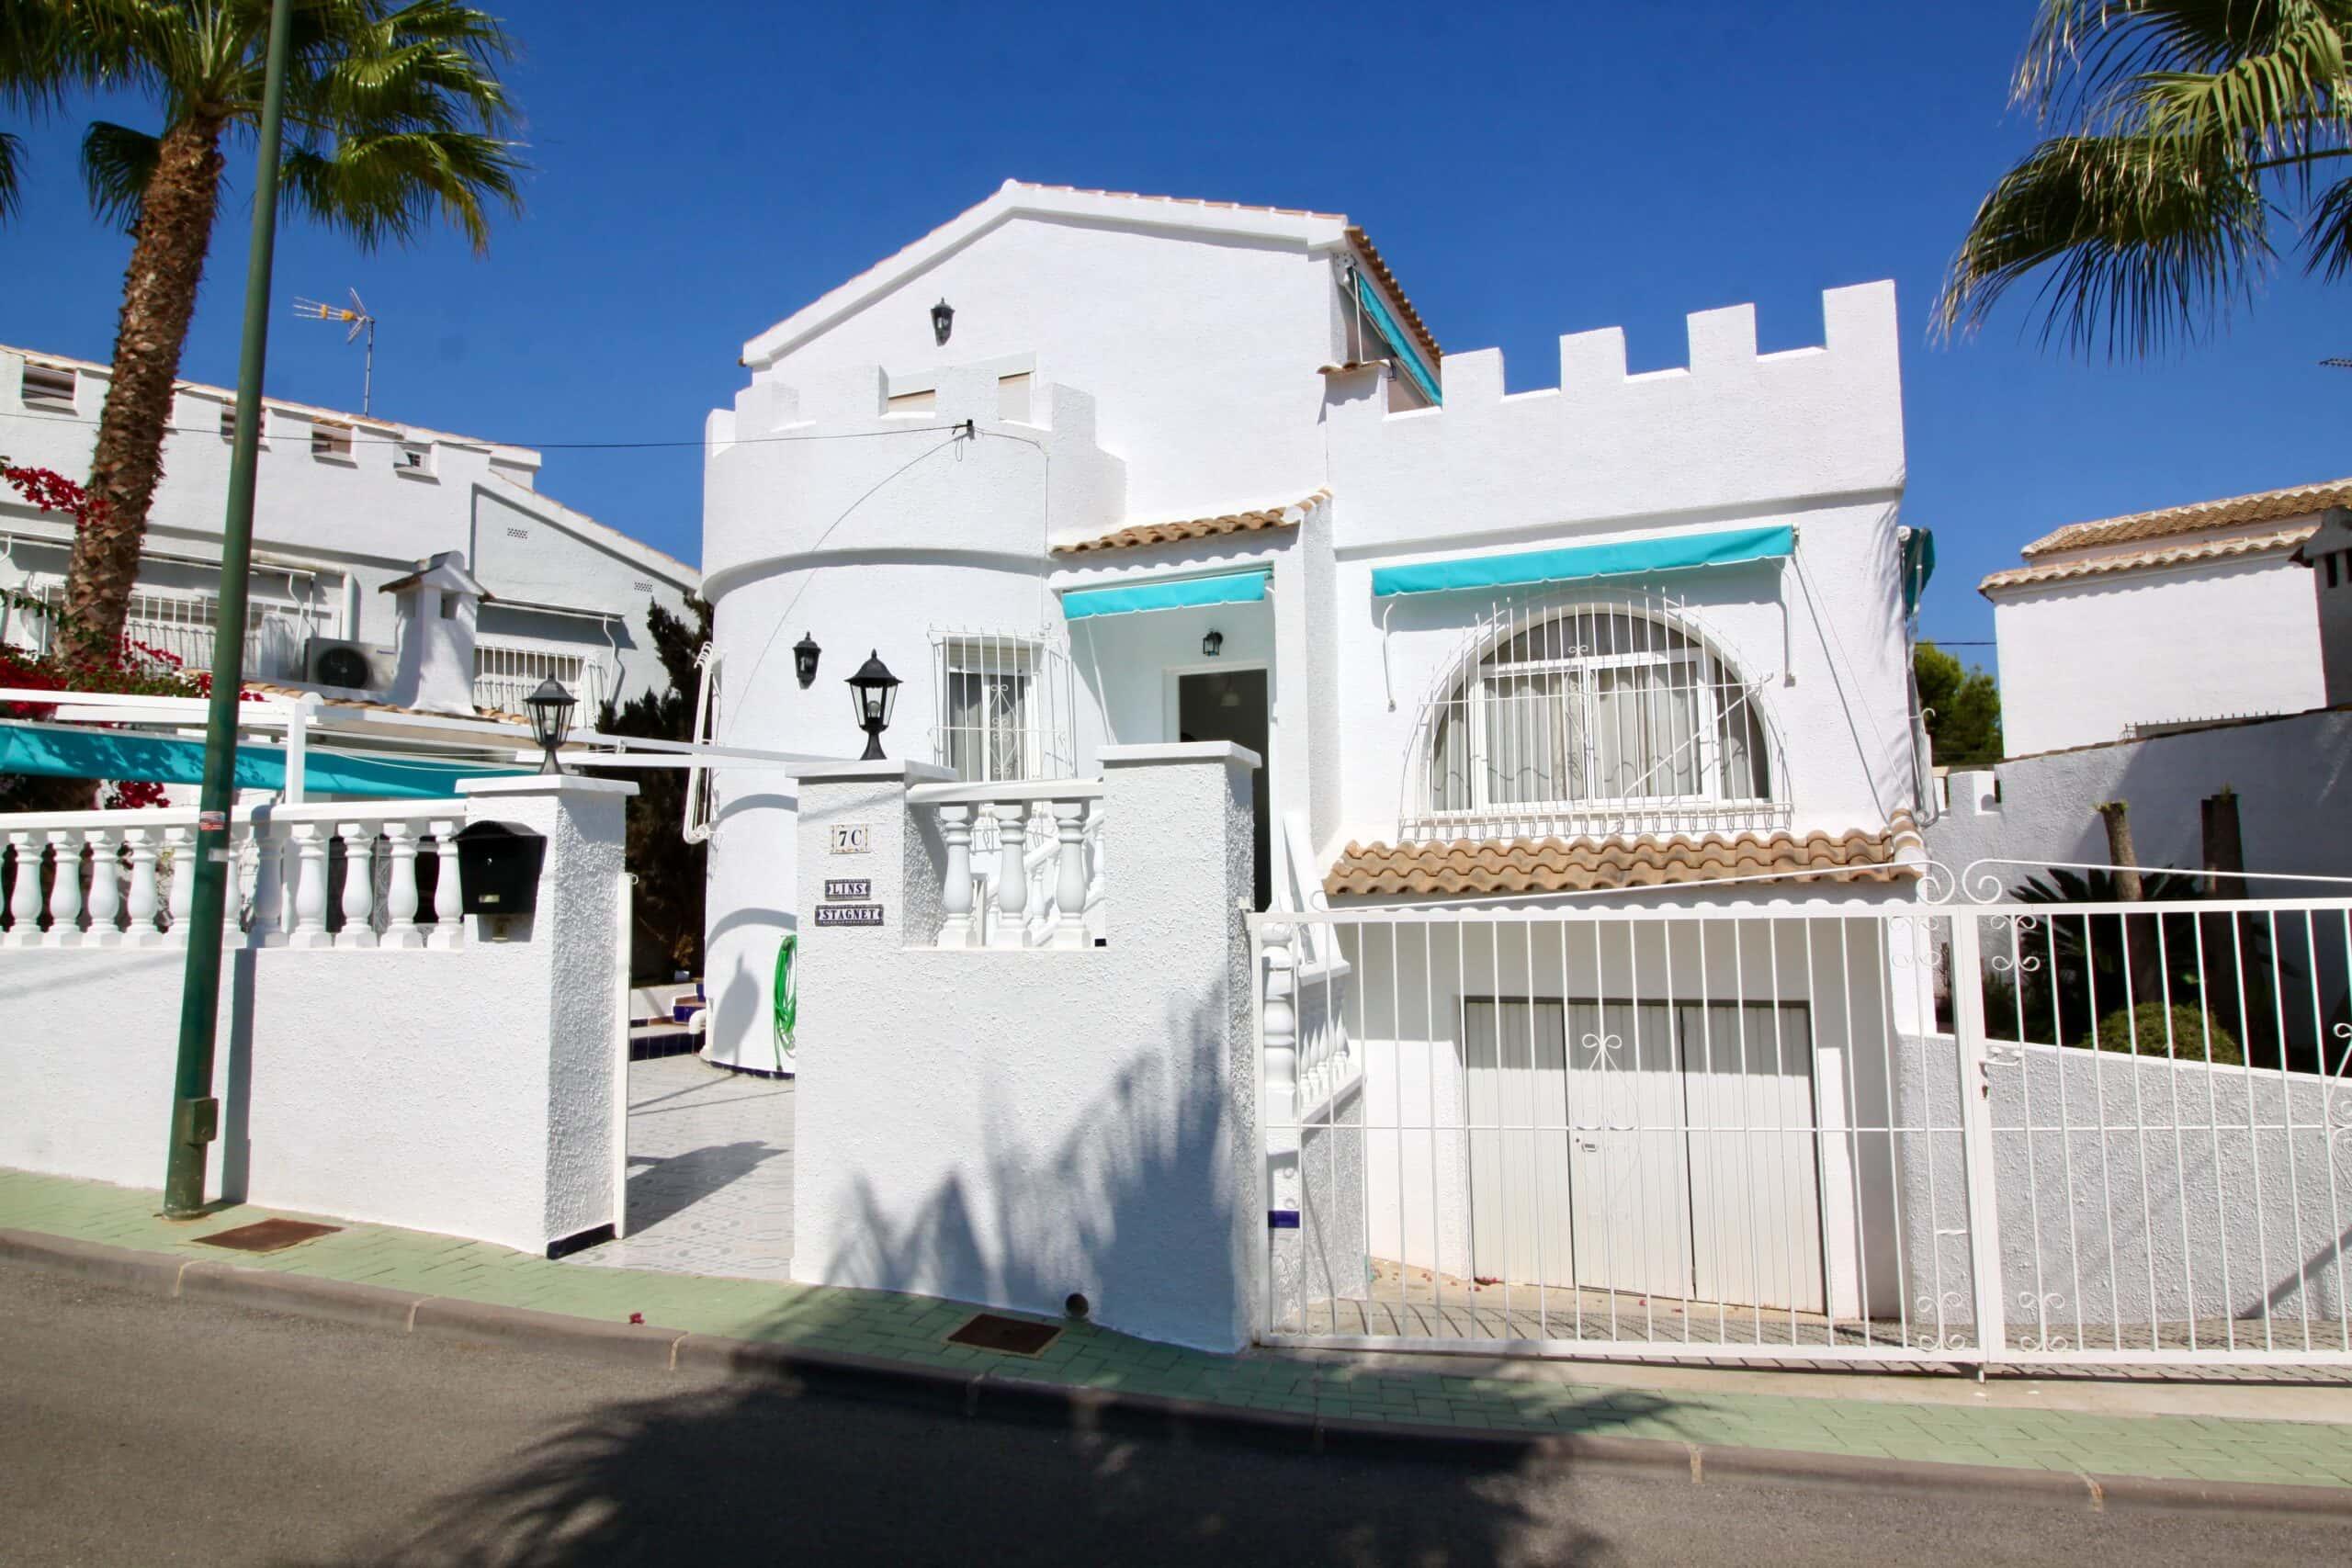 2 bedroom house / villa for sale in Pinar De Campoverde, Costa Blanca